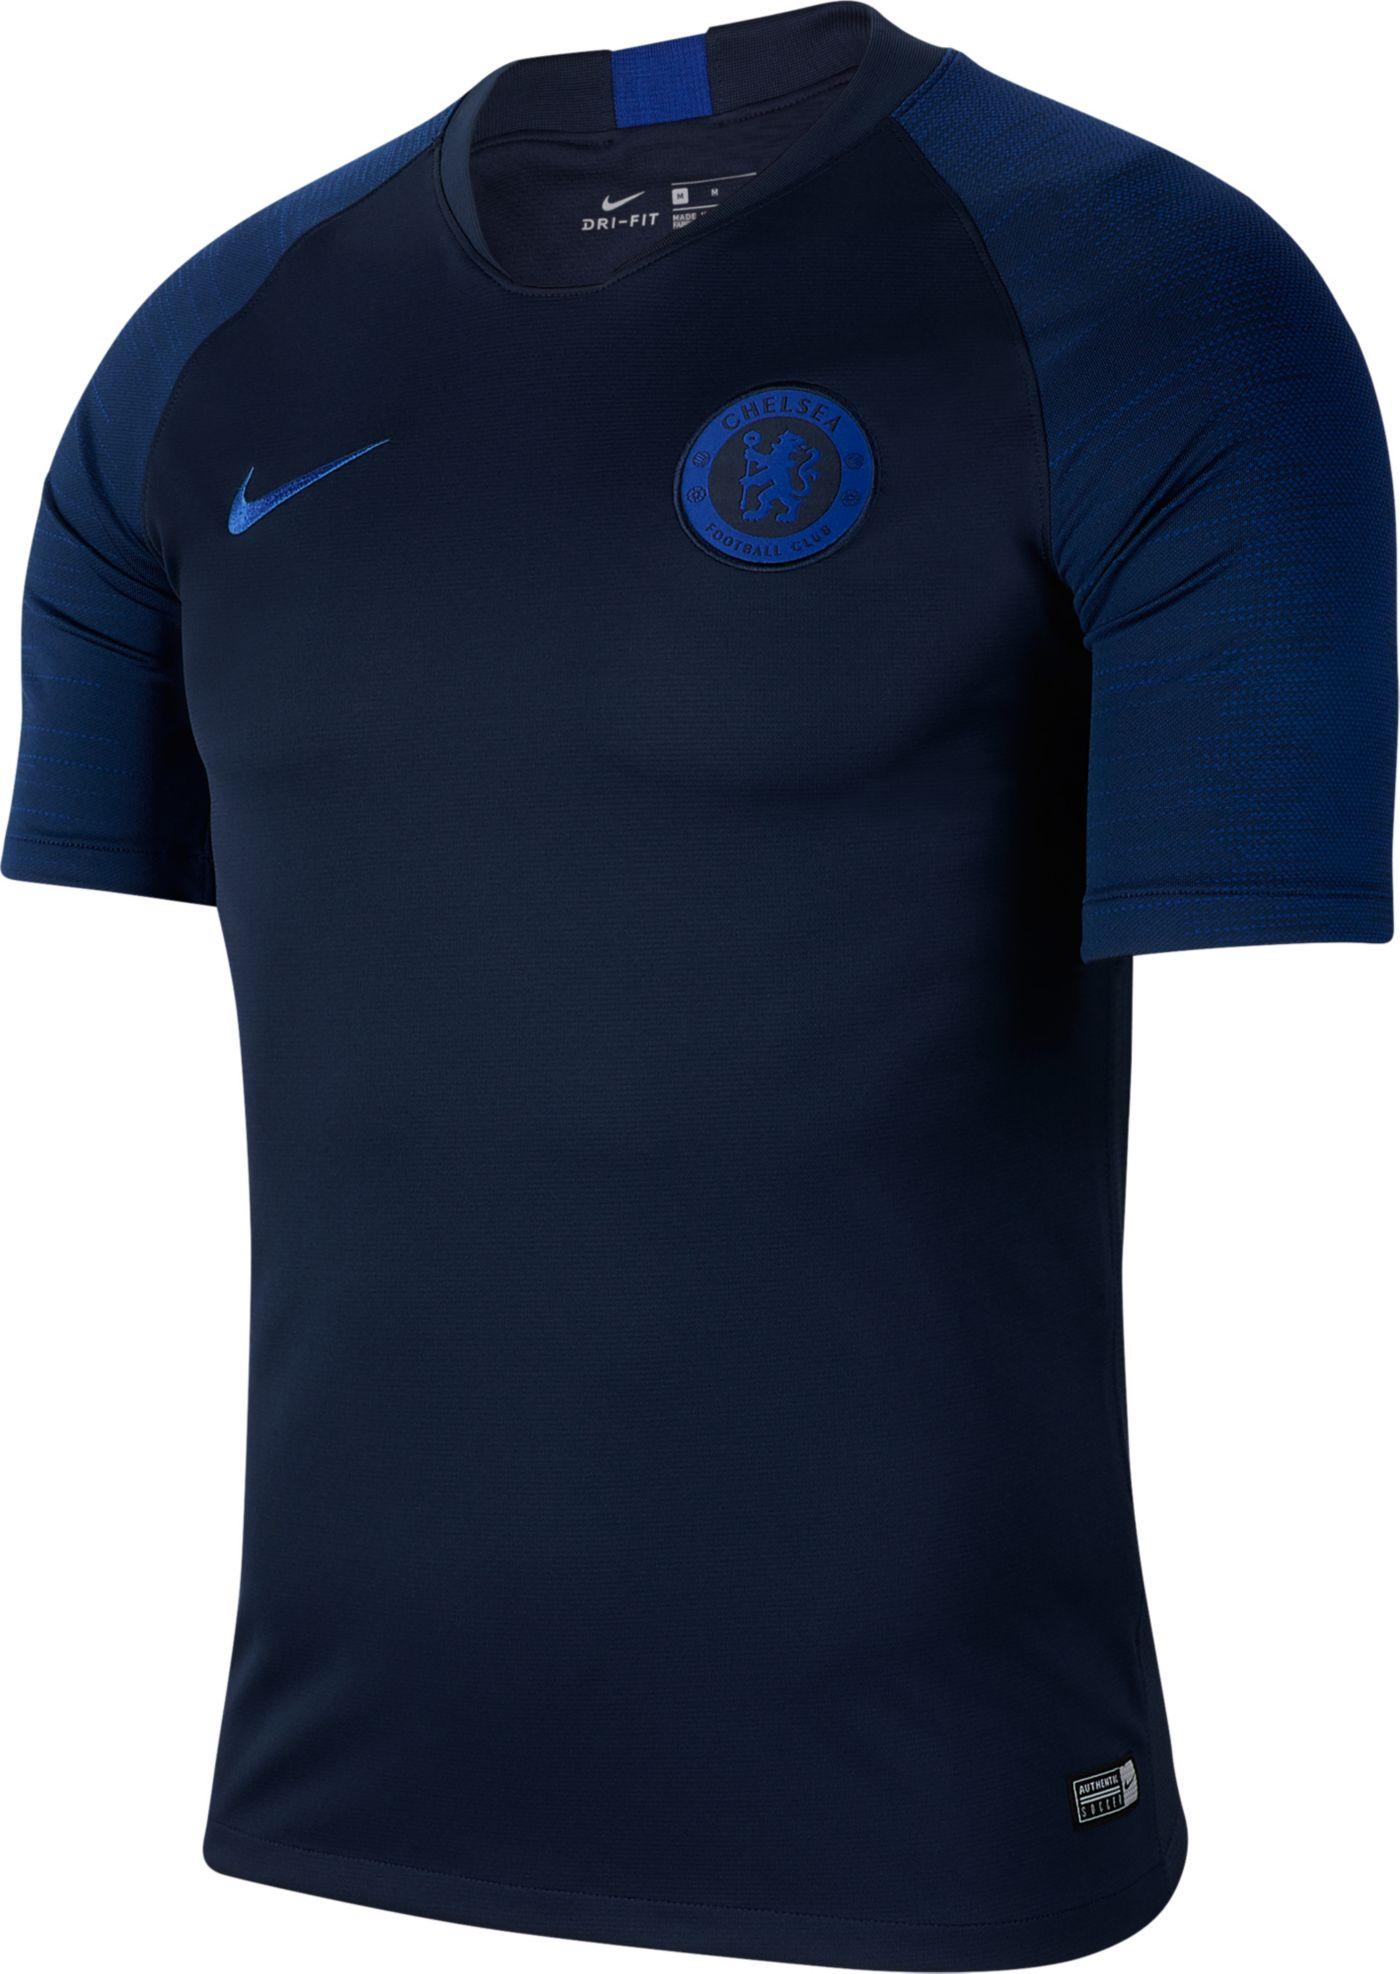 Nike Men's Chelsea FC Navy Training Shirt